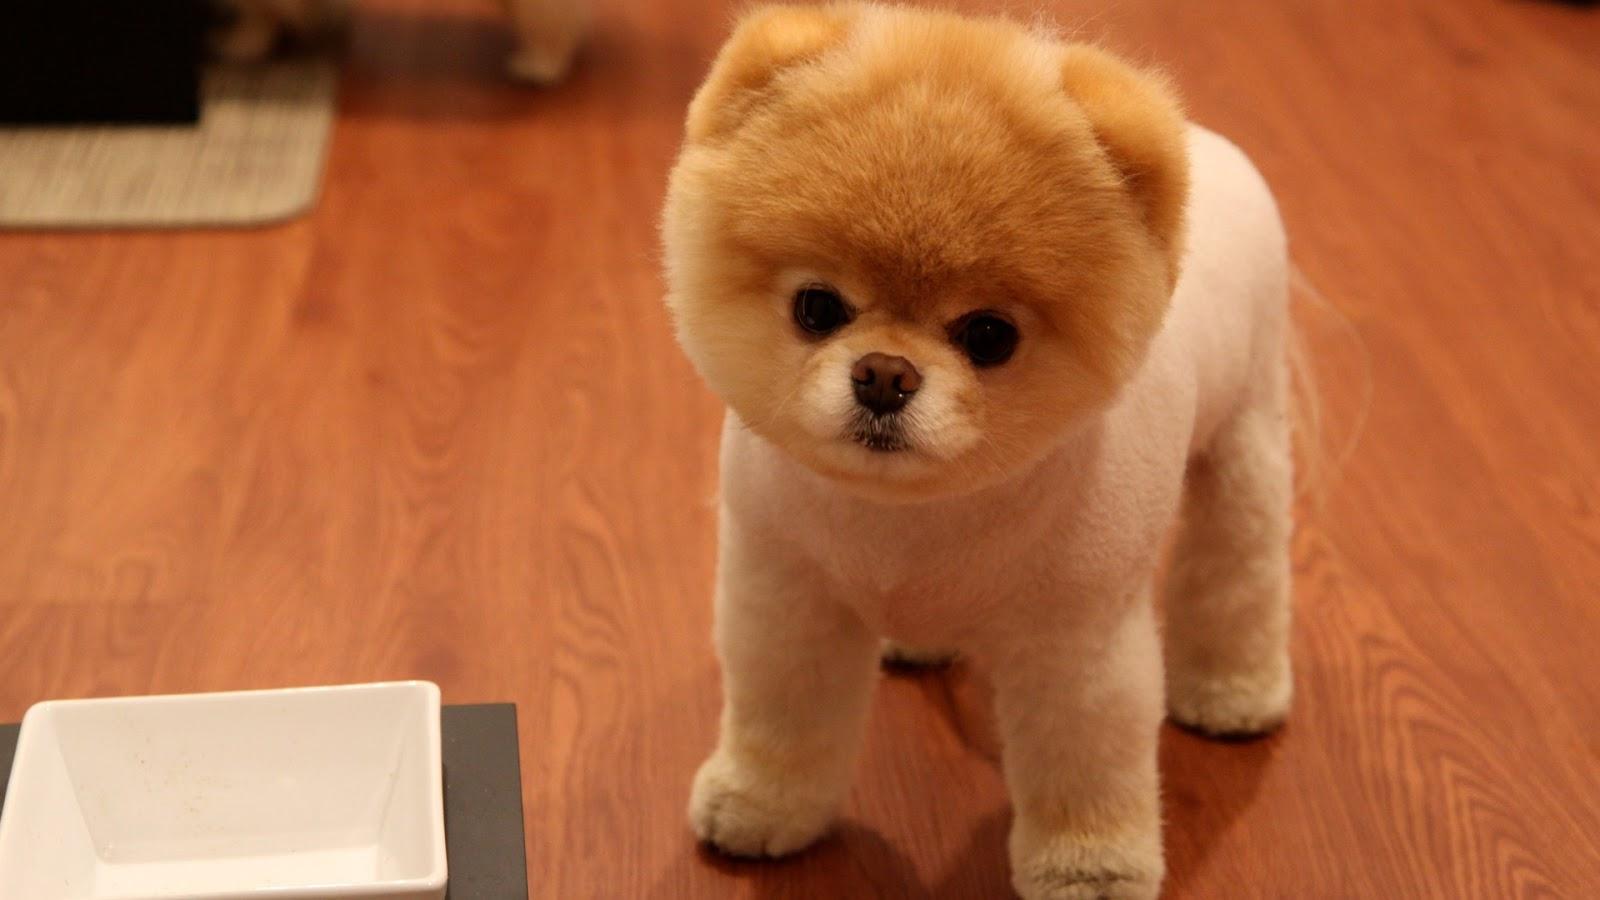 Cute Little Pomeranian Dog   Full HD Desktop Wallpapers 1080p